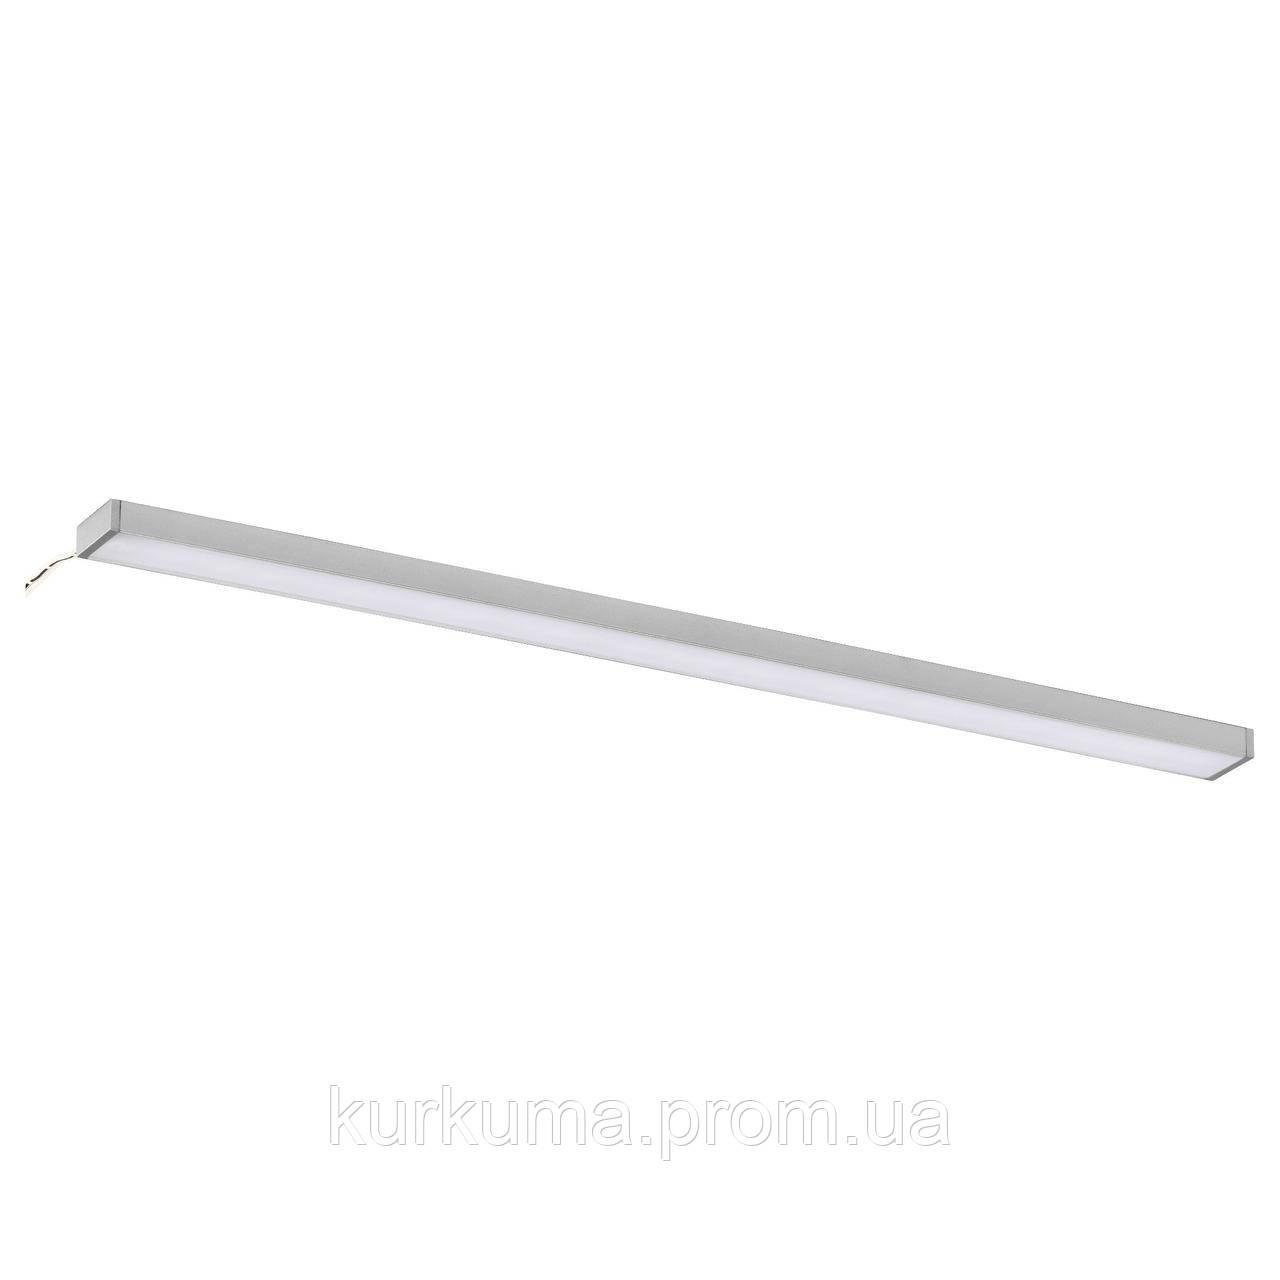 IKEA OMLOPP Светодиодное настольное освещение, серебро  (102.452.19)